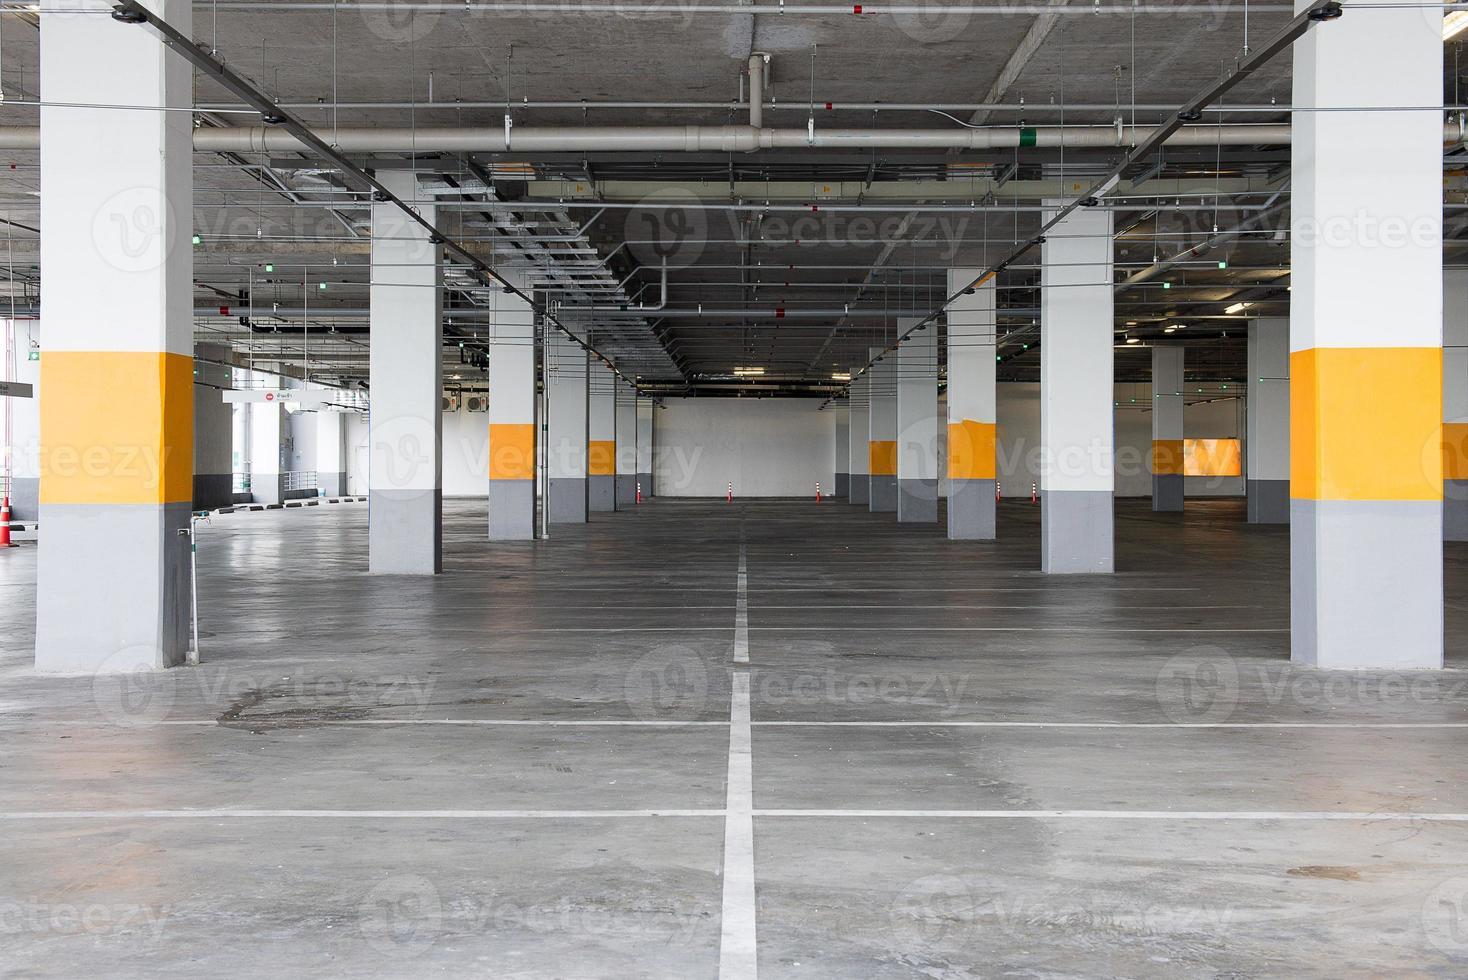 fond de stationnement souterrain vide avec espace de copie photo